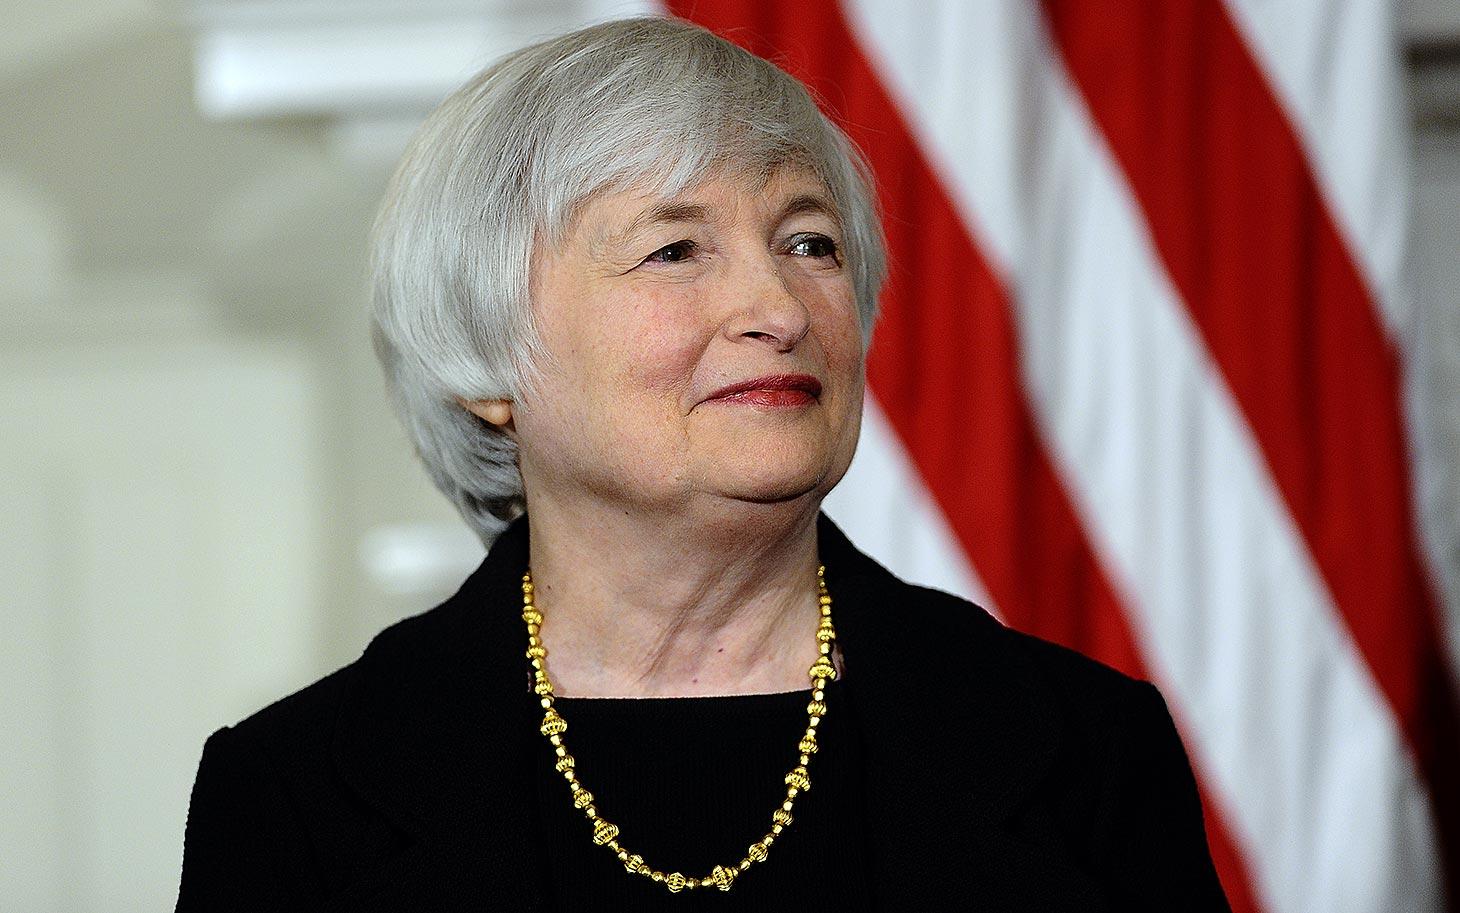 توقعات بنك كريدي سويس بشأن شهادة يلين محافظ الإحتياطى الأمريكي